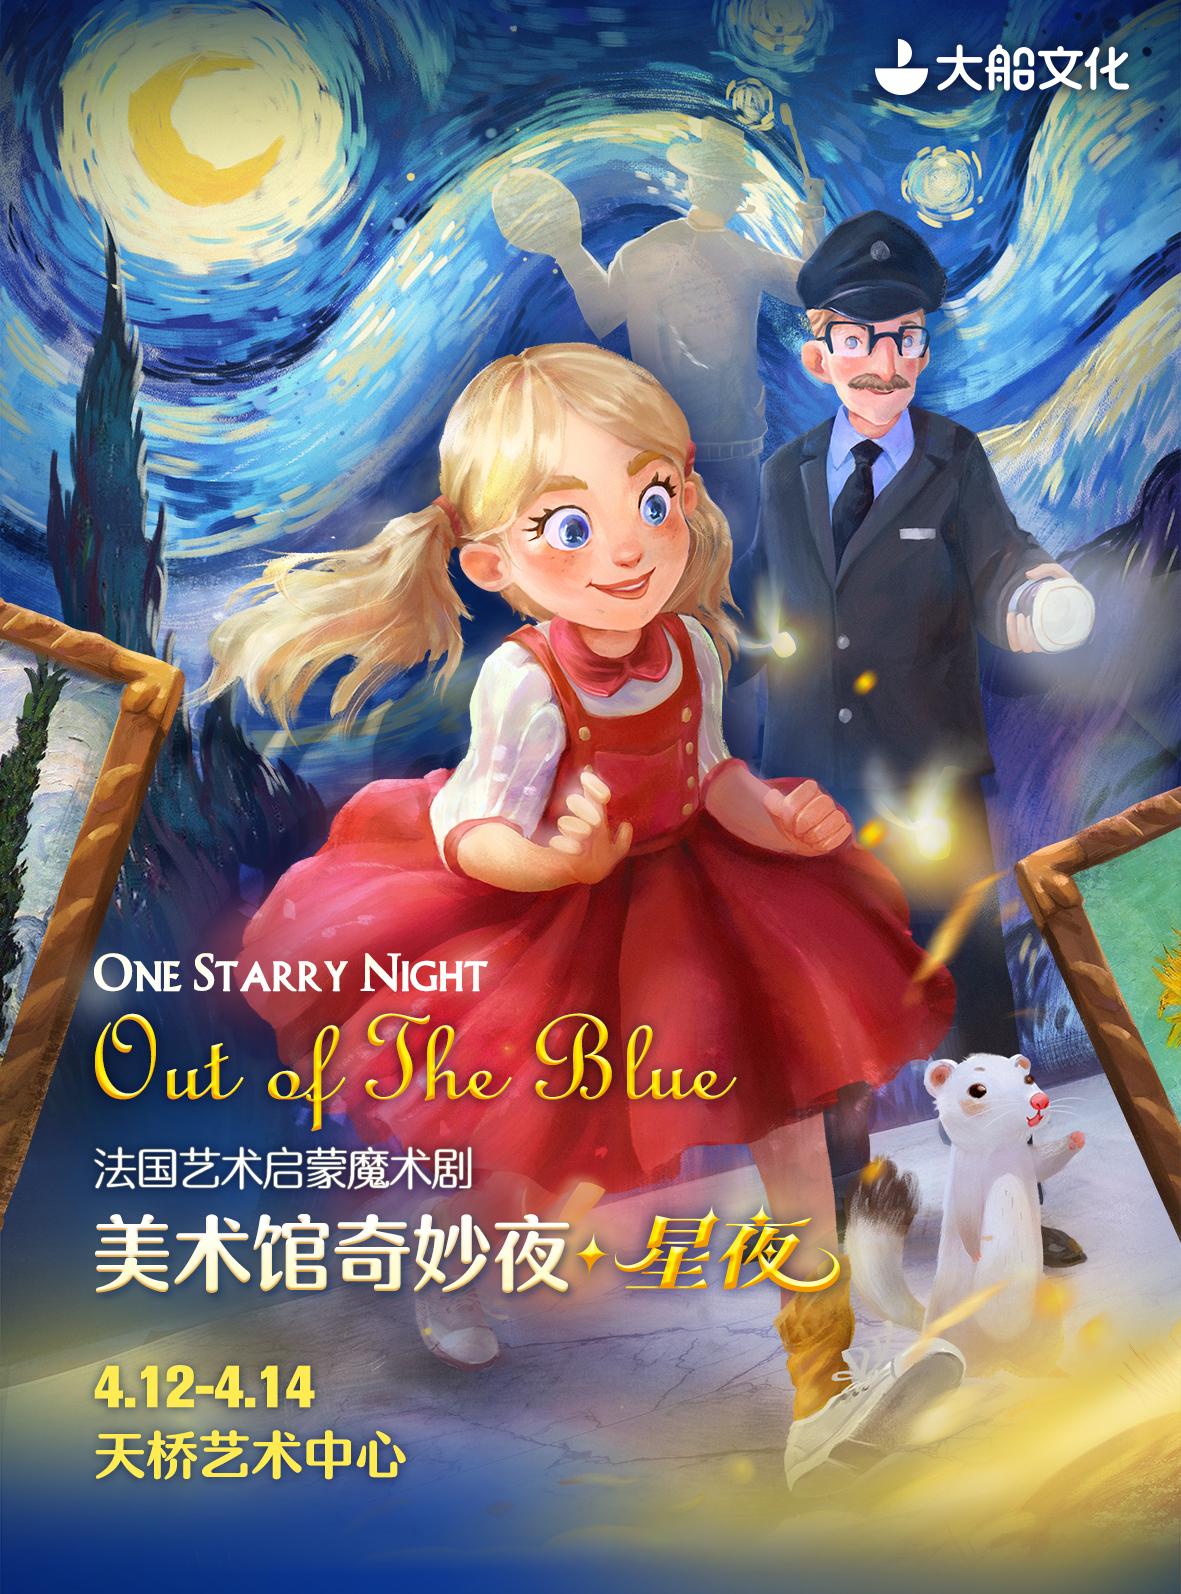 法国艺术启蒙魔术剧《美术馆奇妙夜星夜》北京站